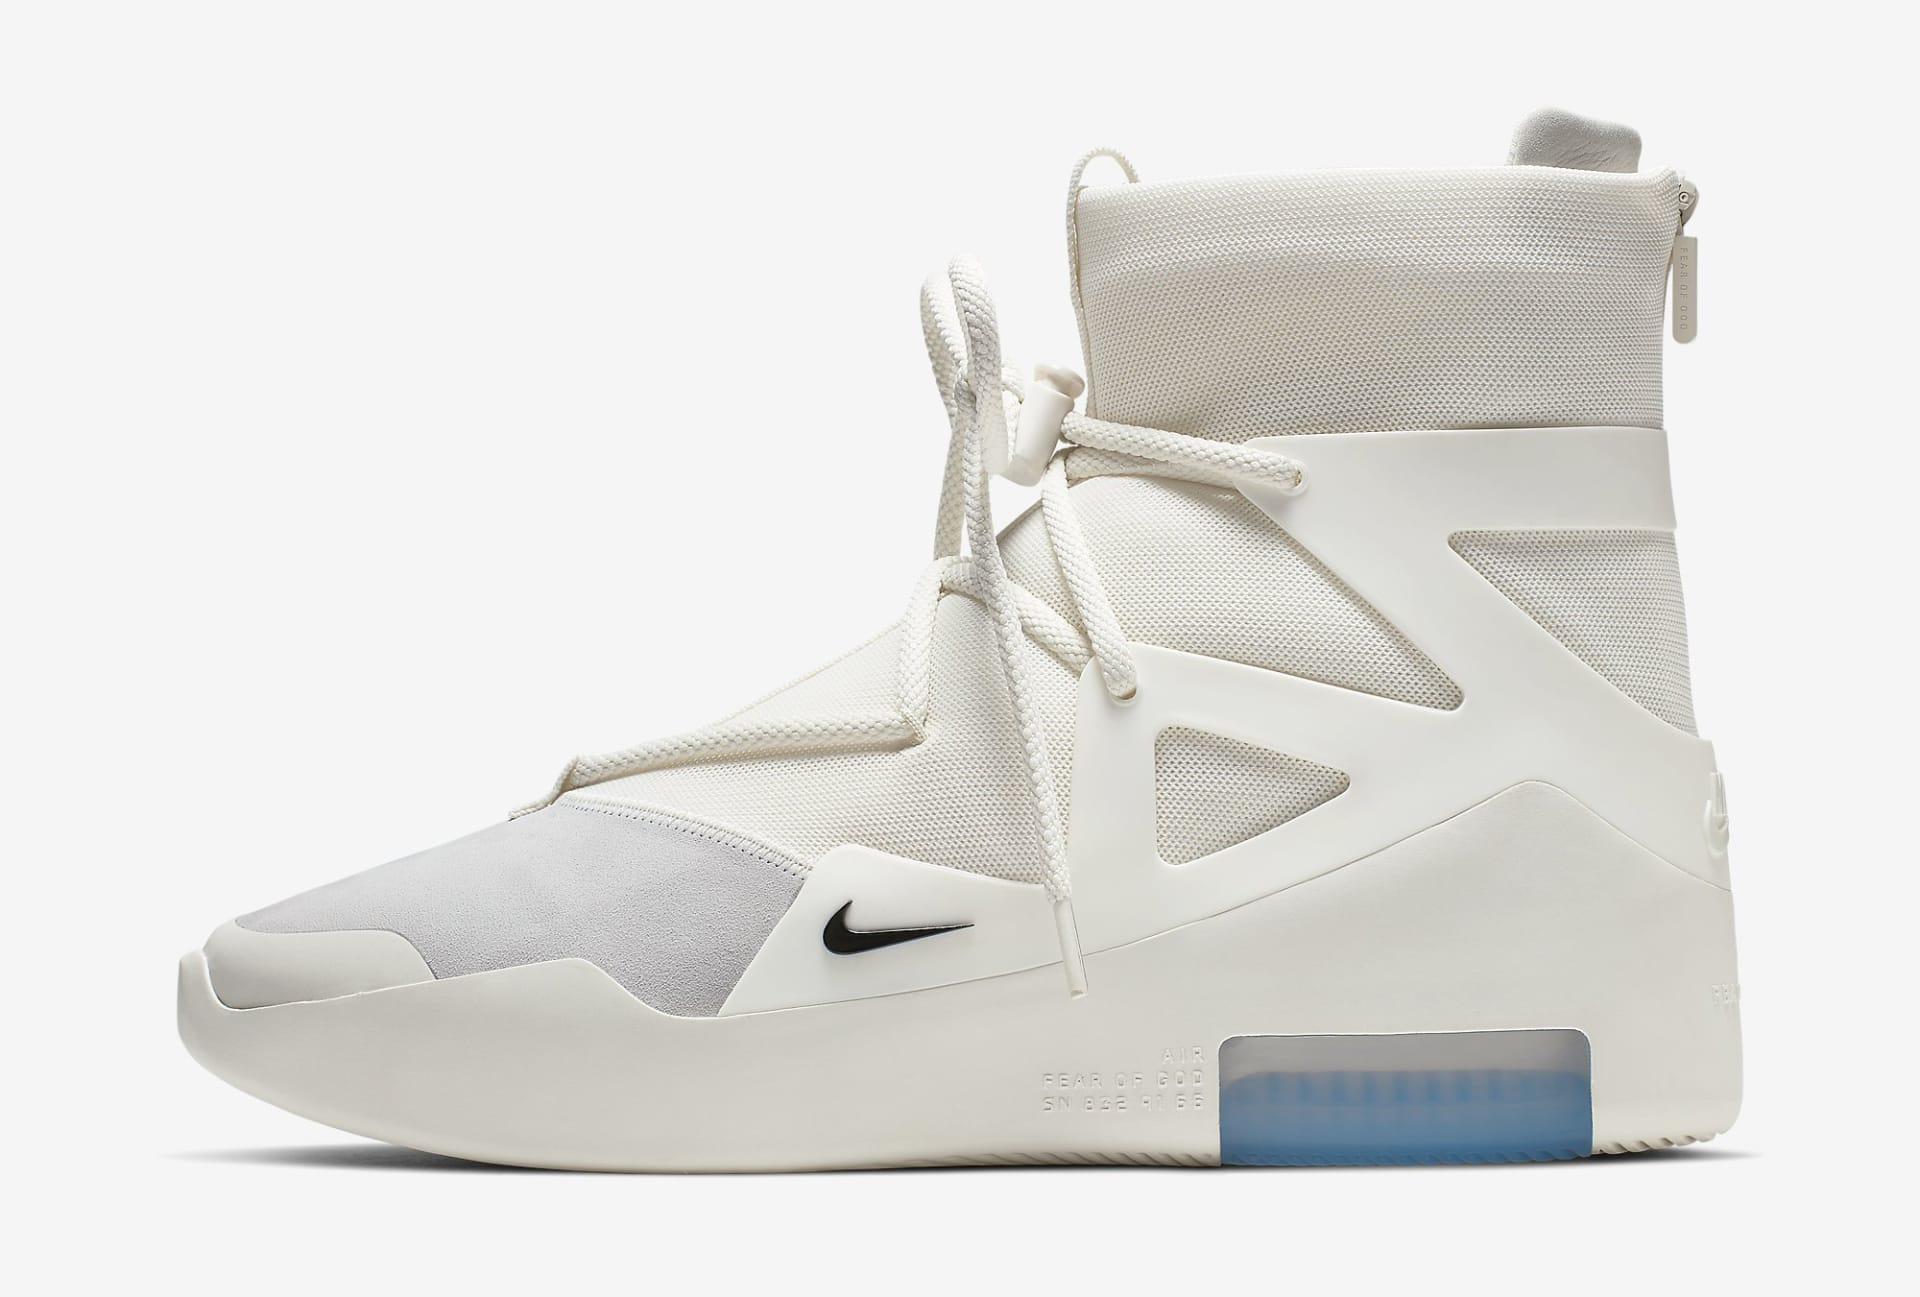 CLOT x Nike Air Max 1 Stadium Goods